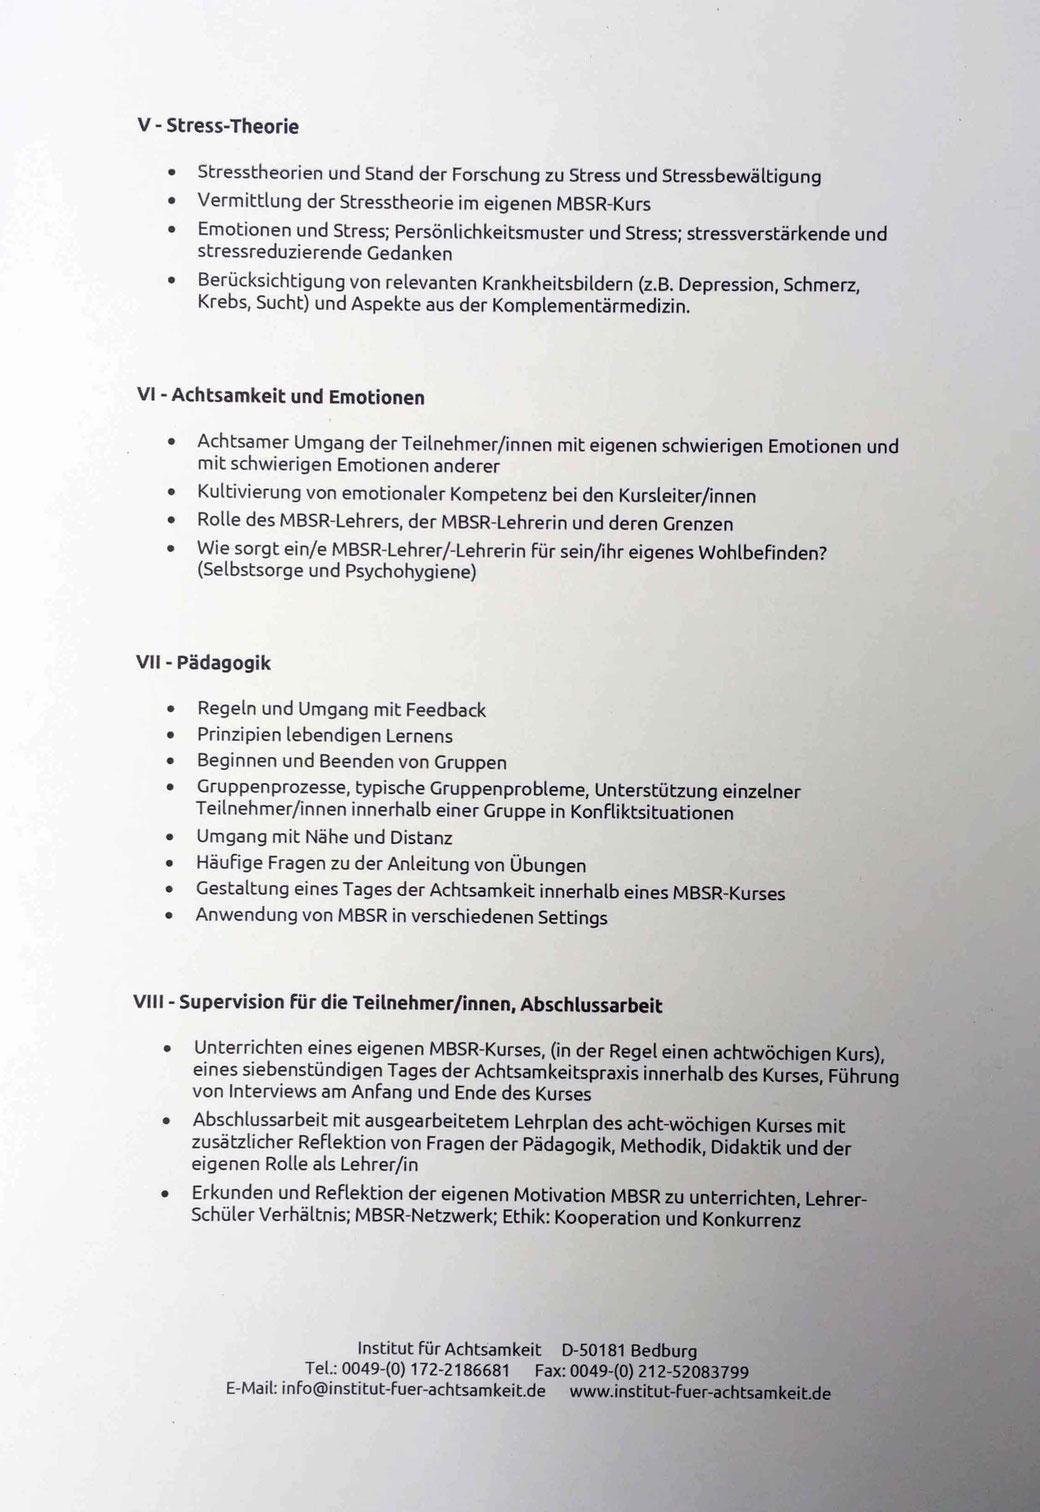 Institut für Achtsamkeit | MBSR-Ausbildungsinhalte - Seite 2